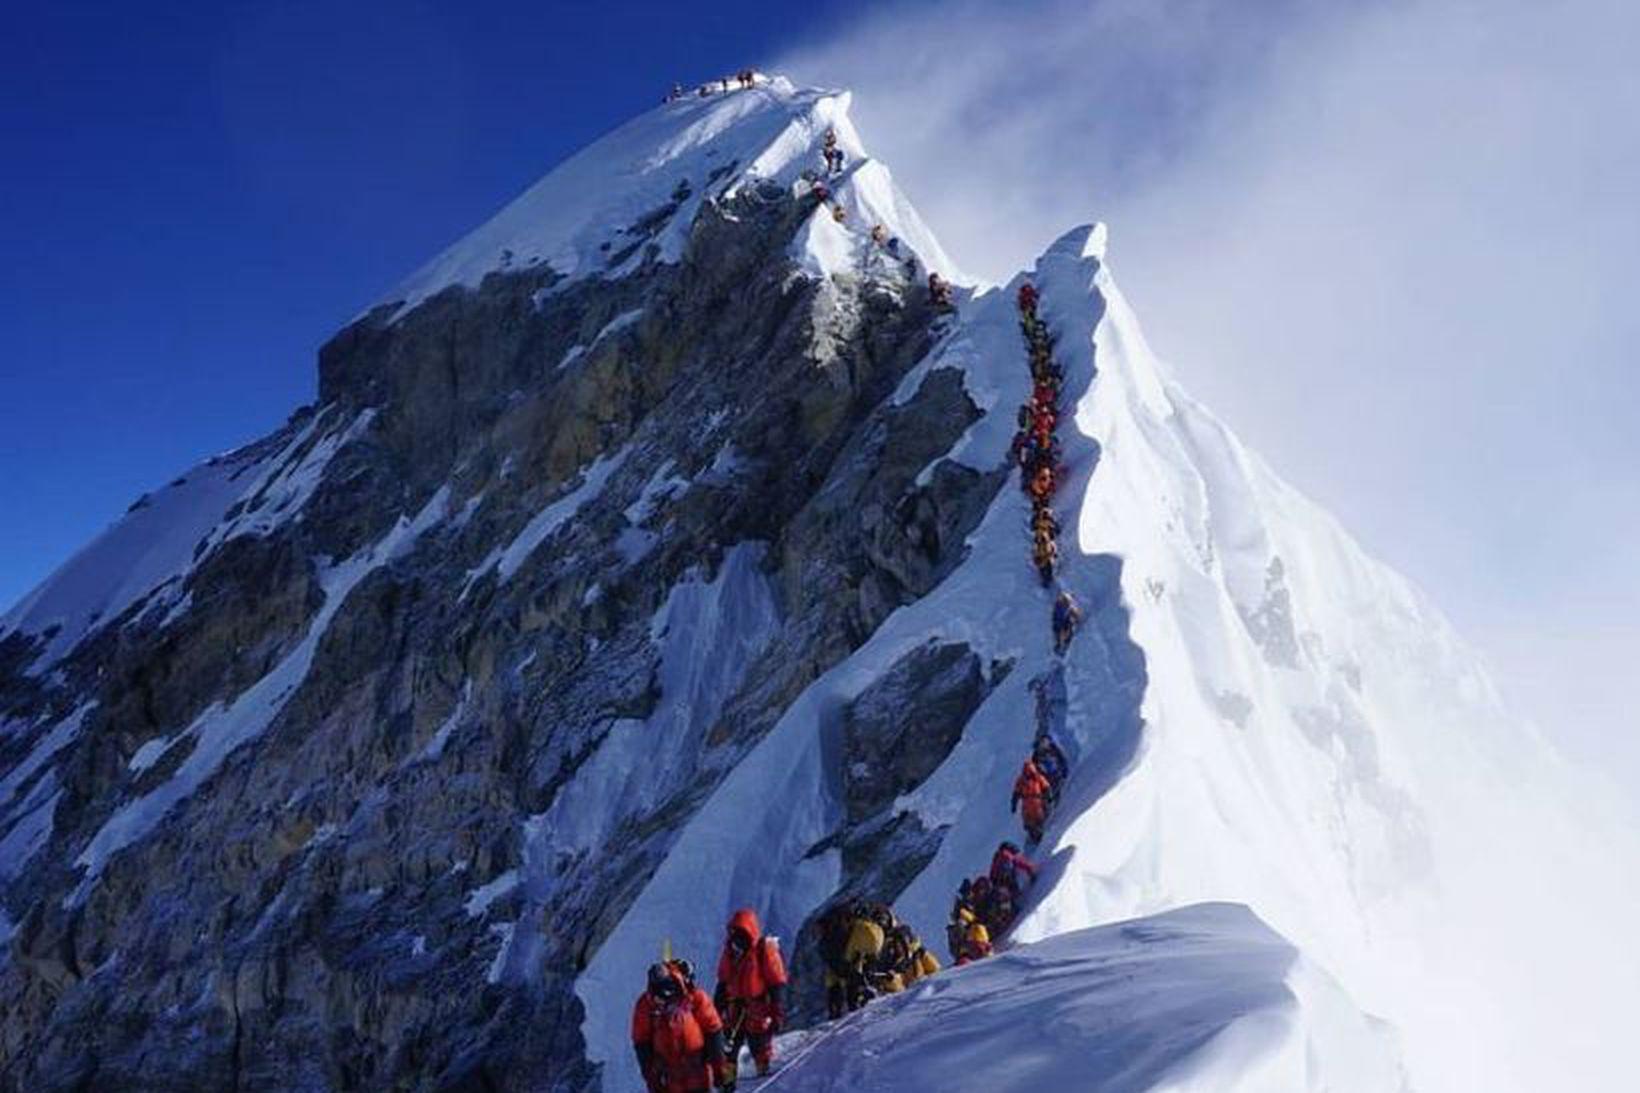 Mynd sem Leifur tók á fimmtudag af suðurtindi Everest sýni …